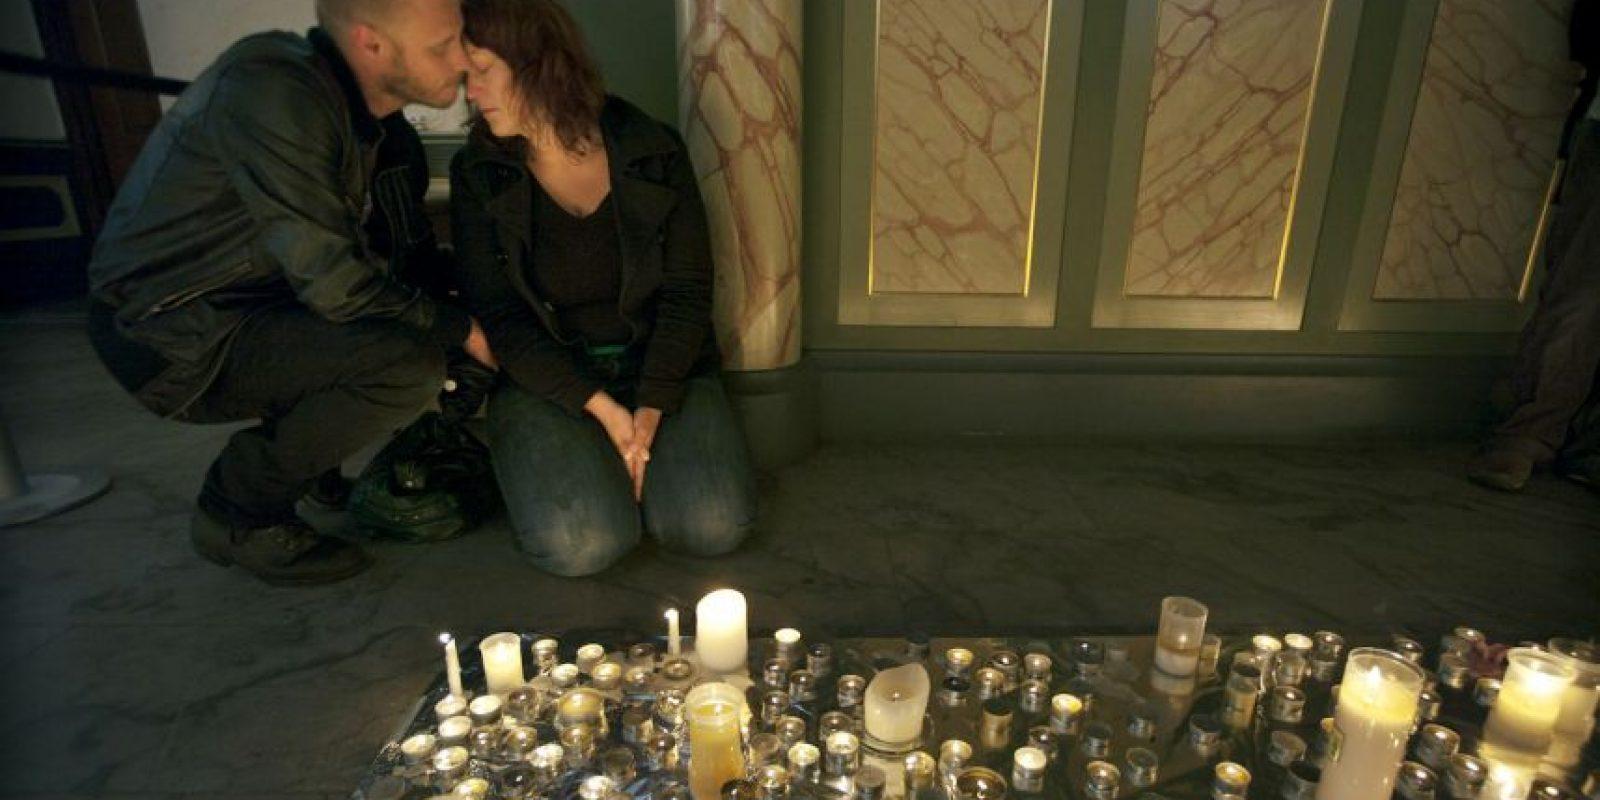 Hubo 77 muertos en total. Ocho en Oslo y 69 en Utoya. Foto:Getty Images